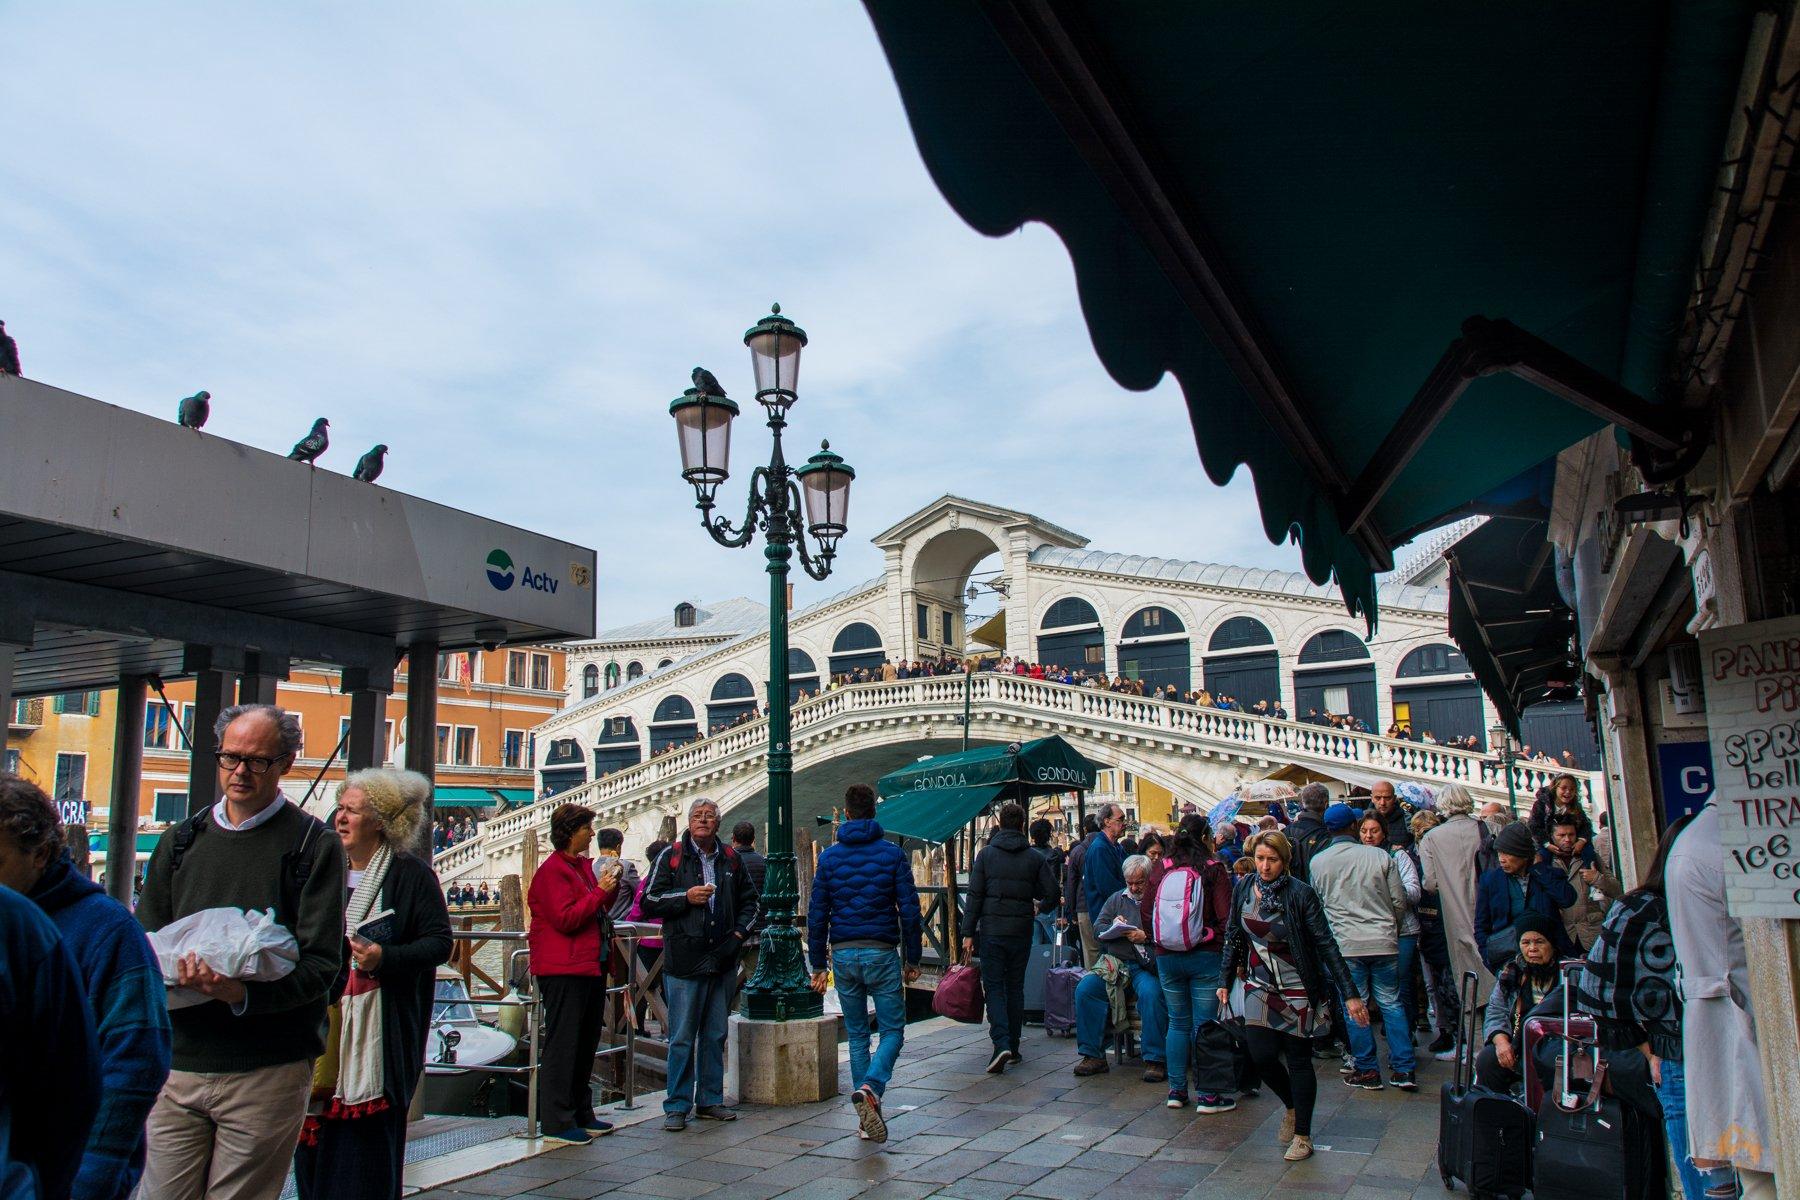 ungefähr dort wo wir hier stehen gab es die Pizza - Blick auf Rialtobrücke in Venedig - Italien